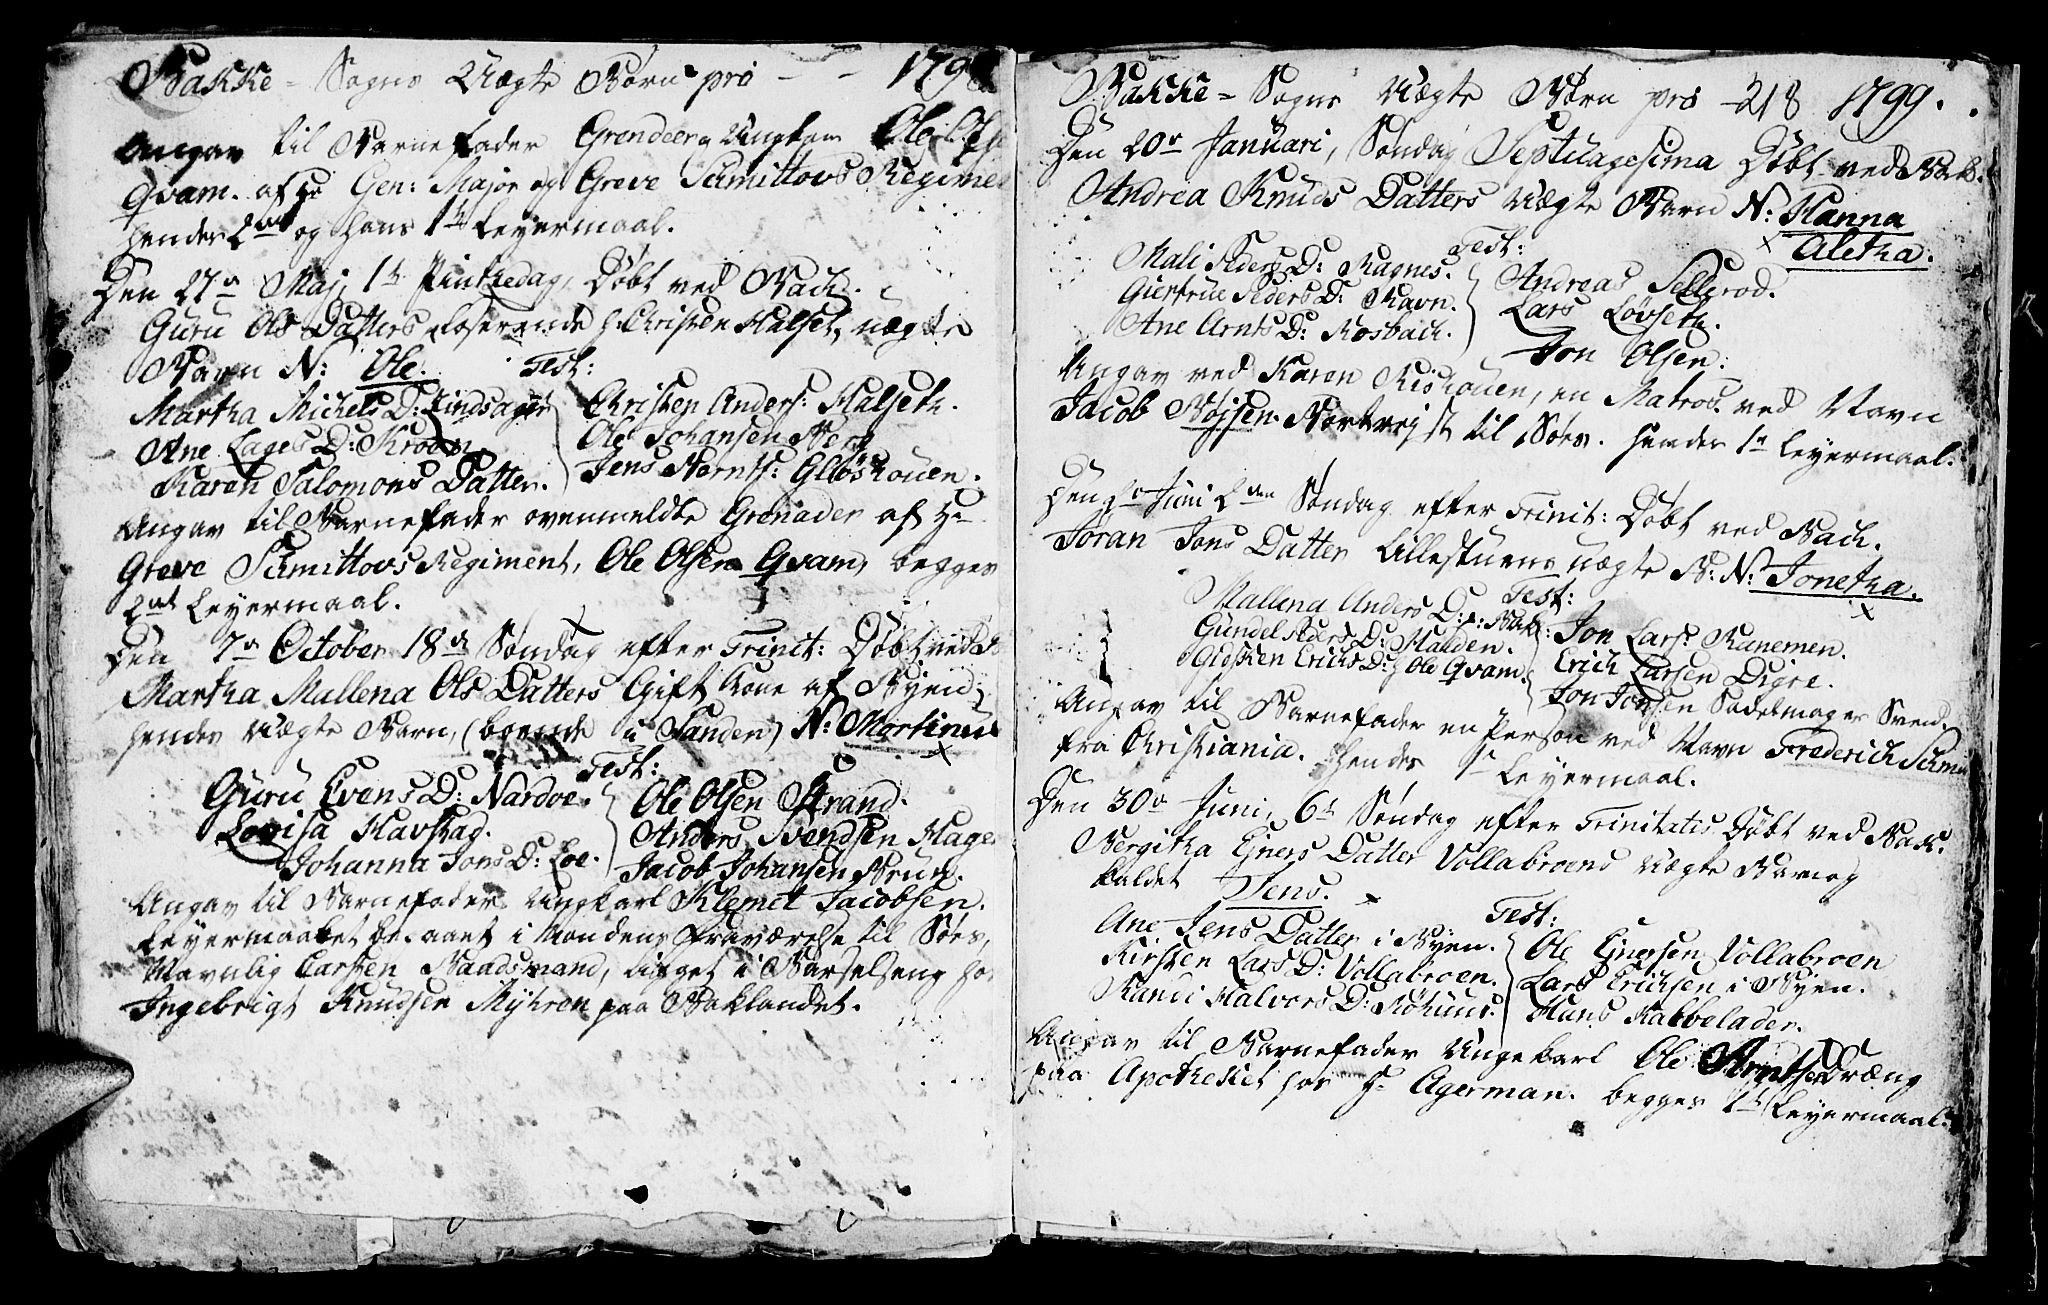 SAT, Ministerialprotokoller, klokkerbøker og fødselsregistre - Sør-Trøndelag, 604/L0218: Klokkerbok nr. 604C01, 1754-1819, s. 218